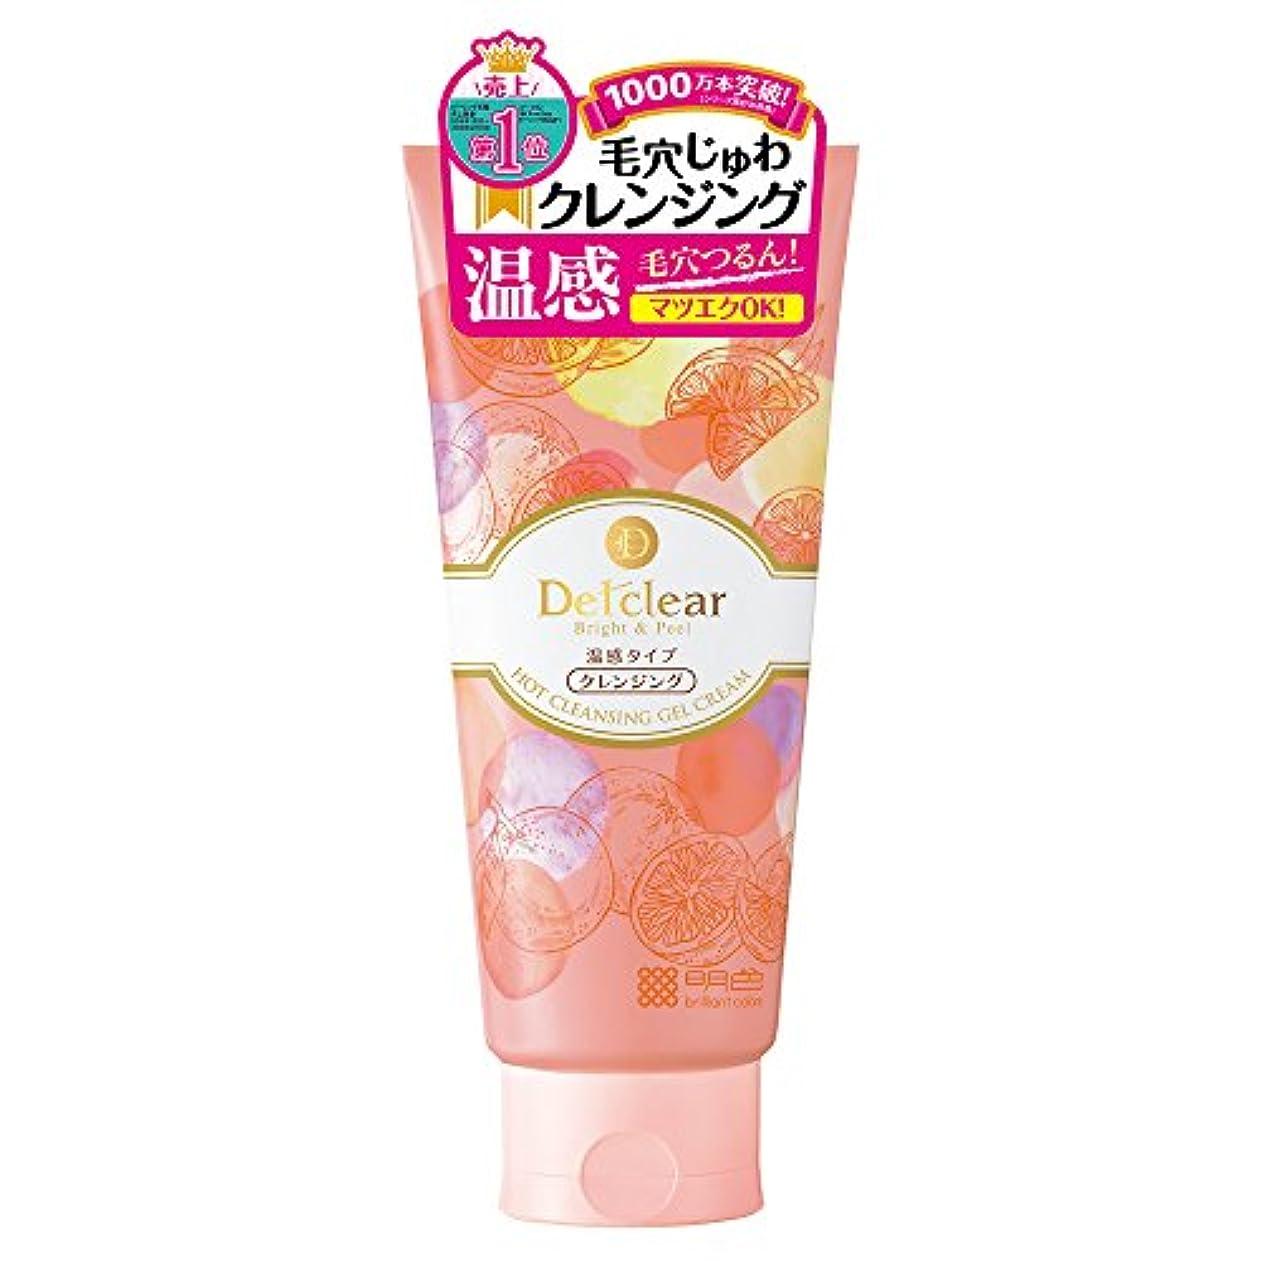 持つ合唱団倉庫DETクリア ブライト&ピール ホットクレンジング ジェルクリーム 200g (日本製) ベルガモットオレンジの香り